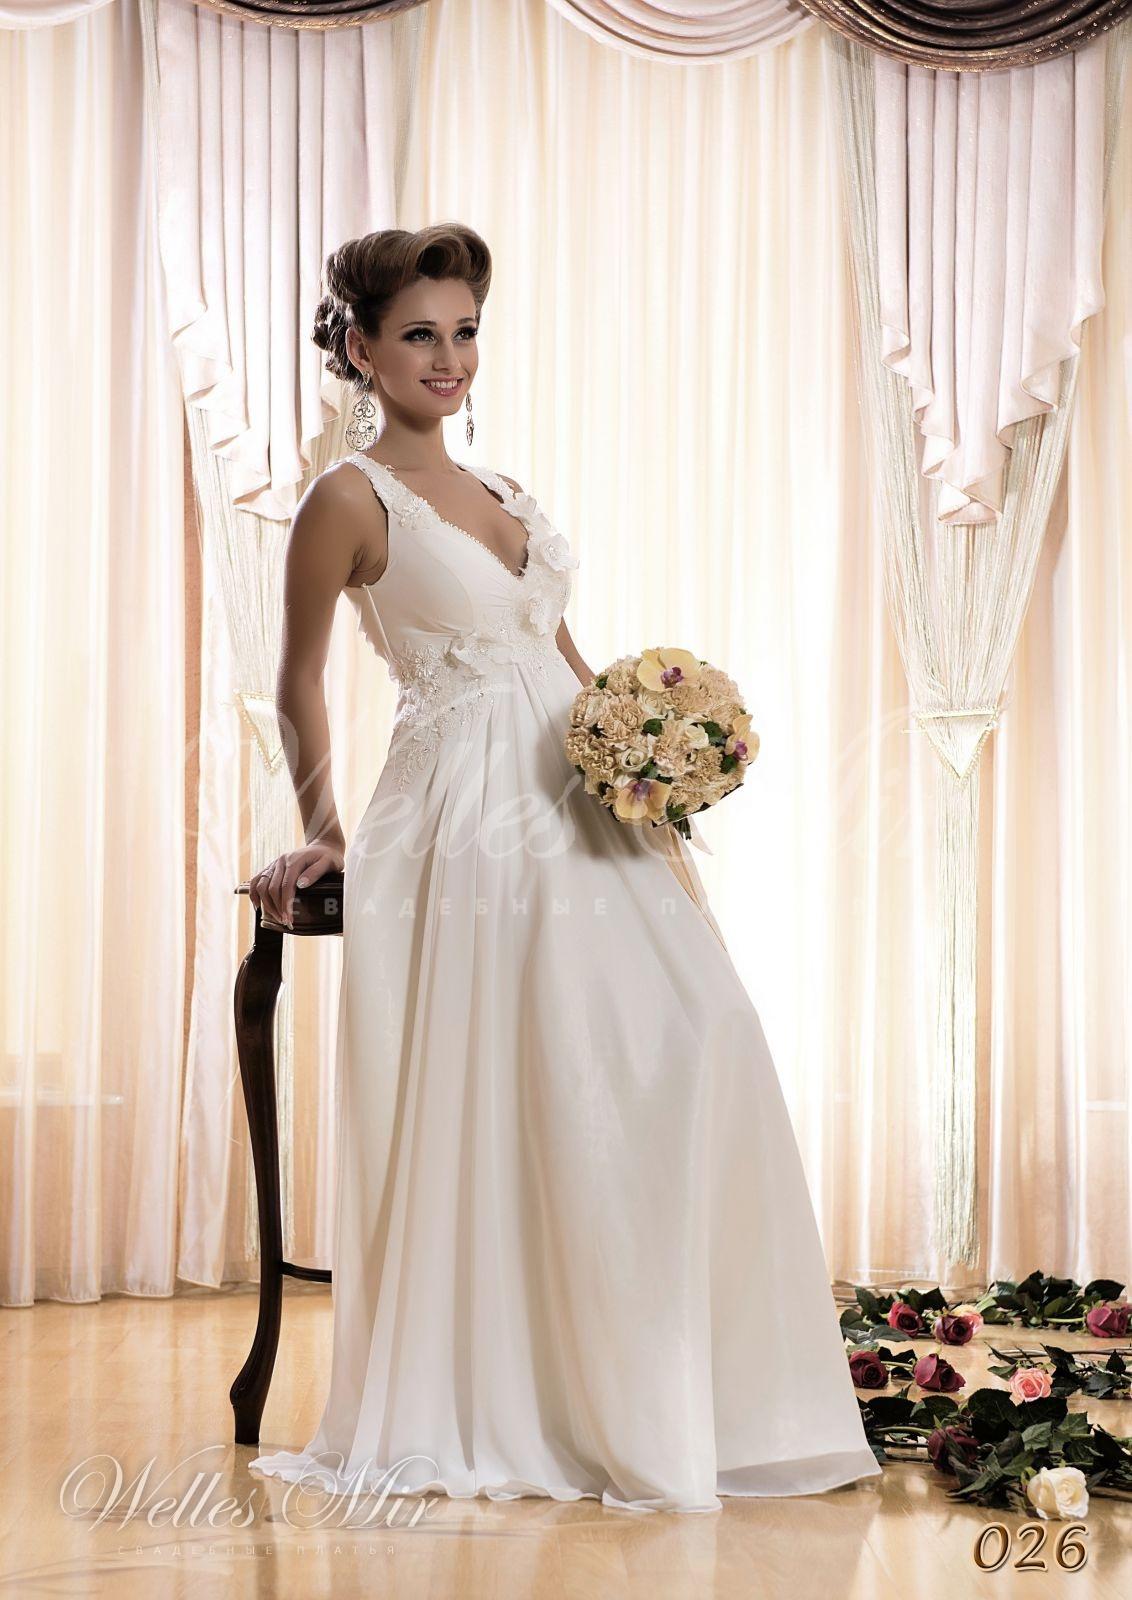 Свадебные платья Romantic Dream - 026